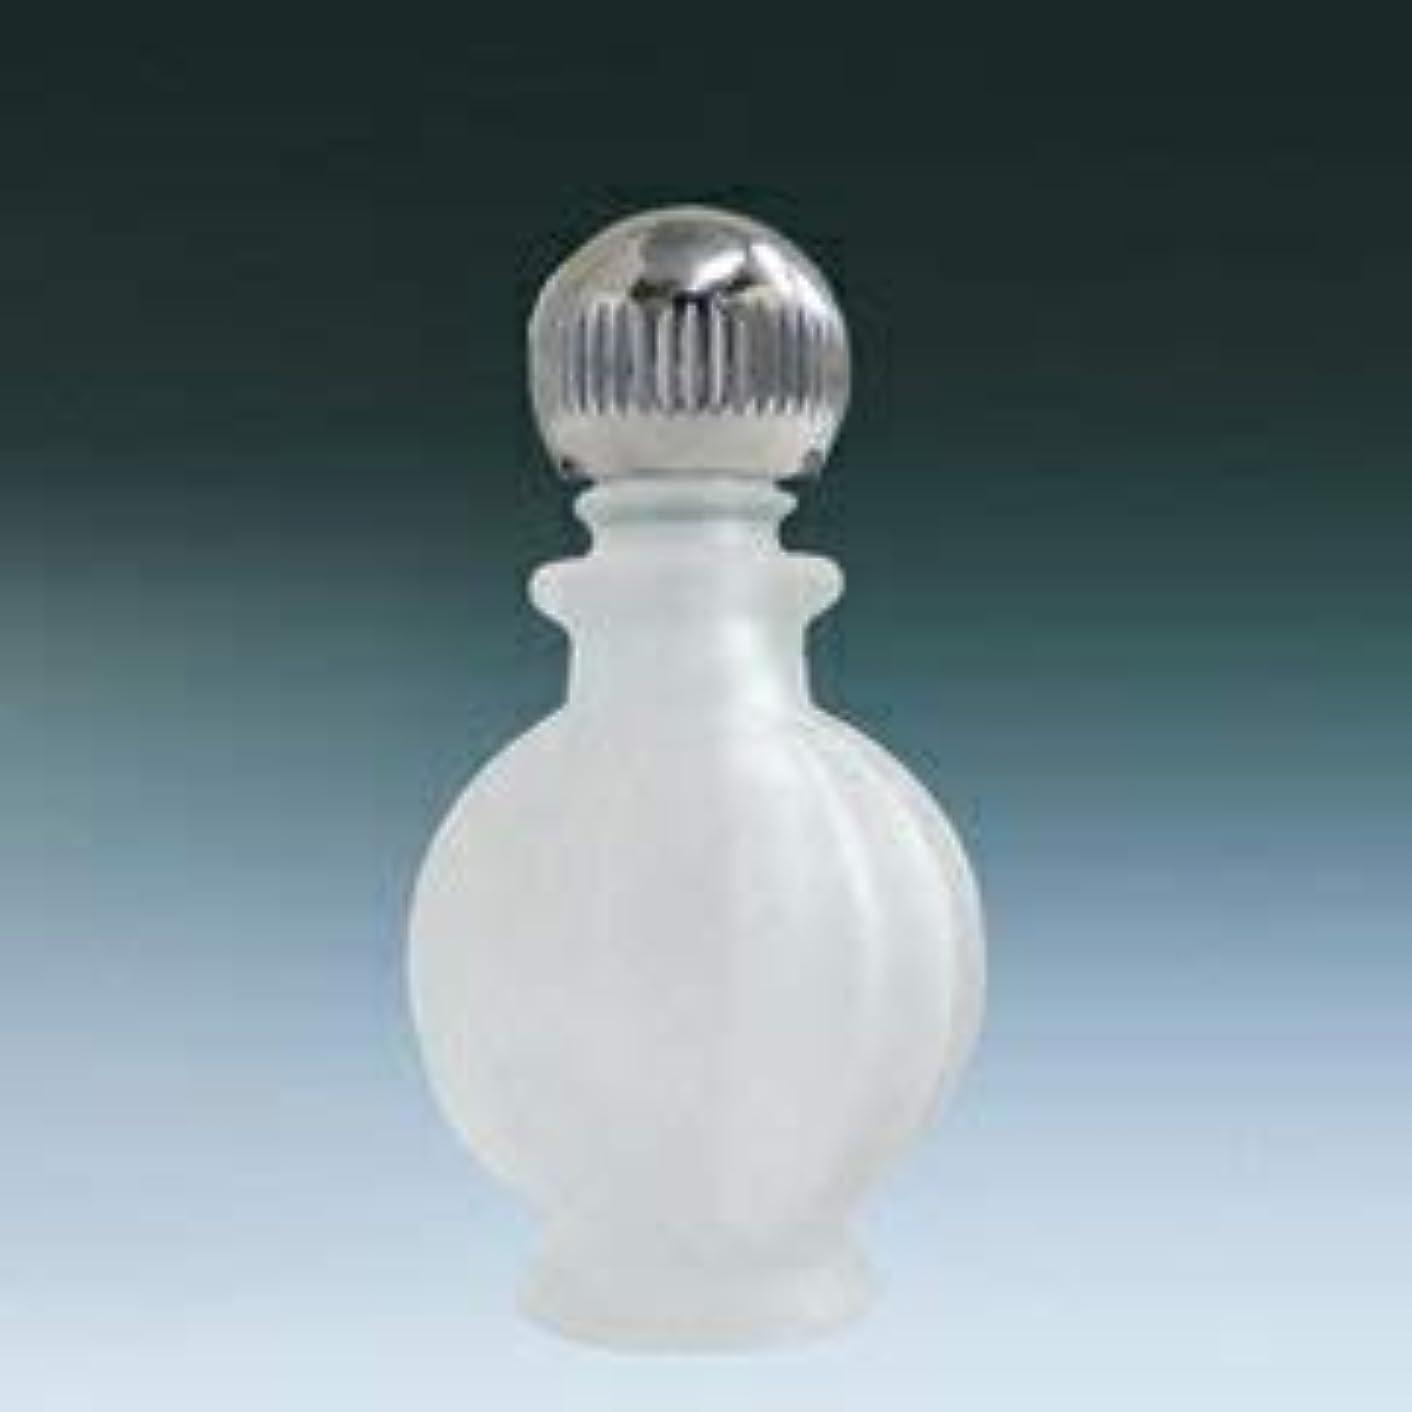 【ヤマダアトマイザー】パフュームボトル 小ビン 70622 カボチャ フロスト シルバー 約2ml